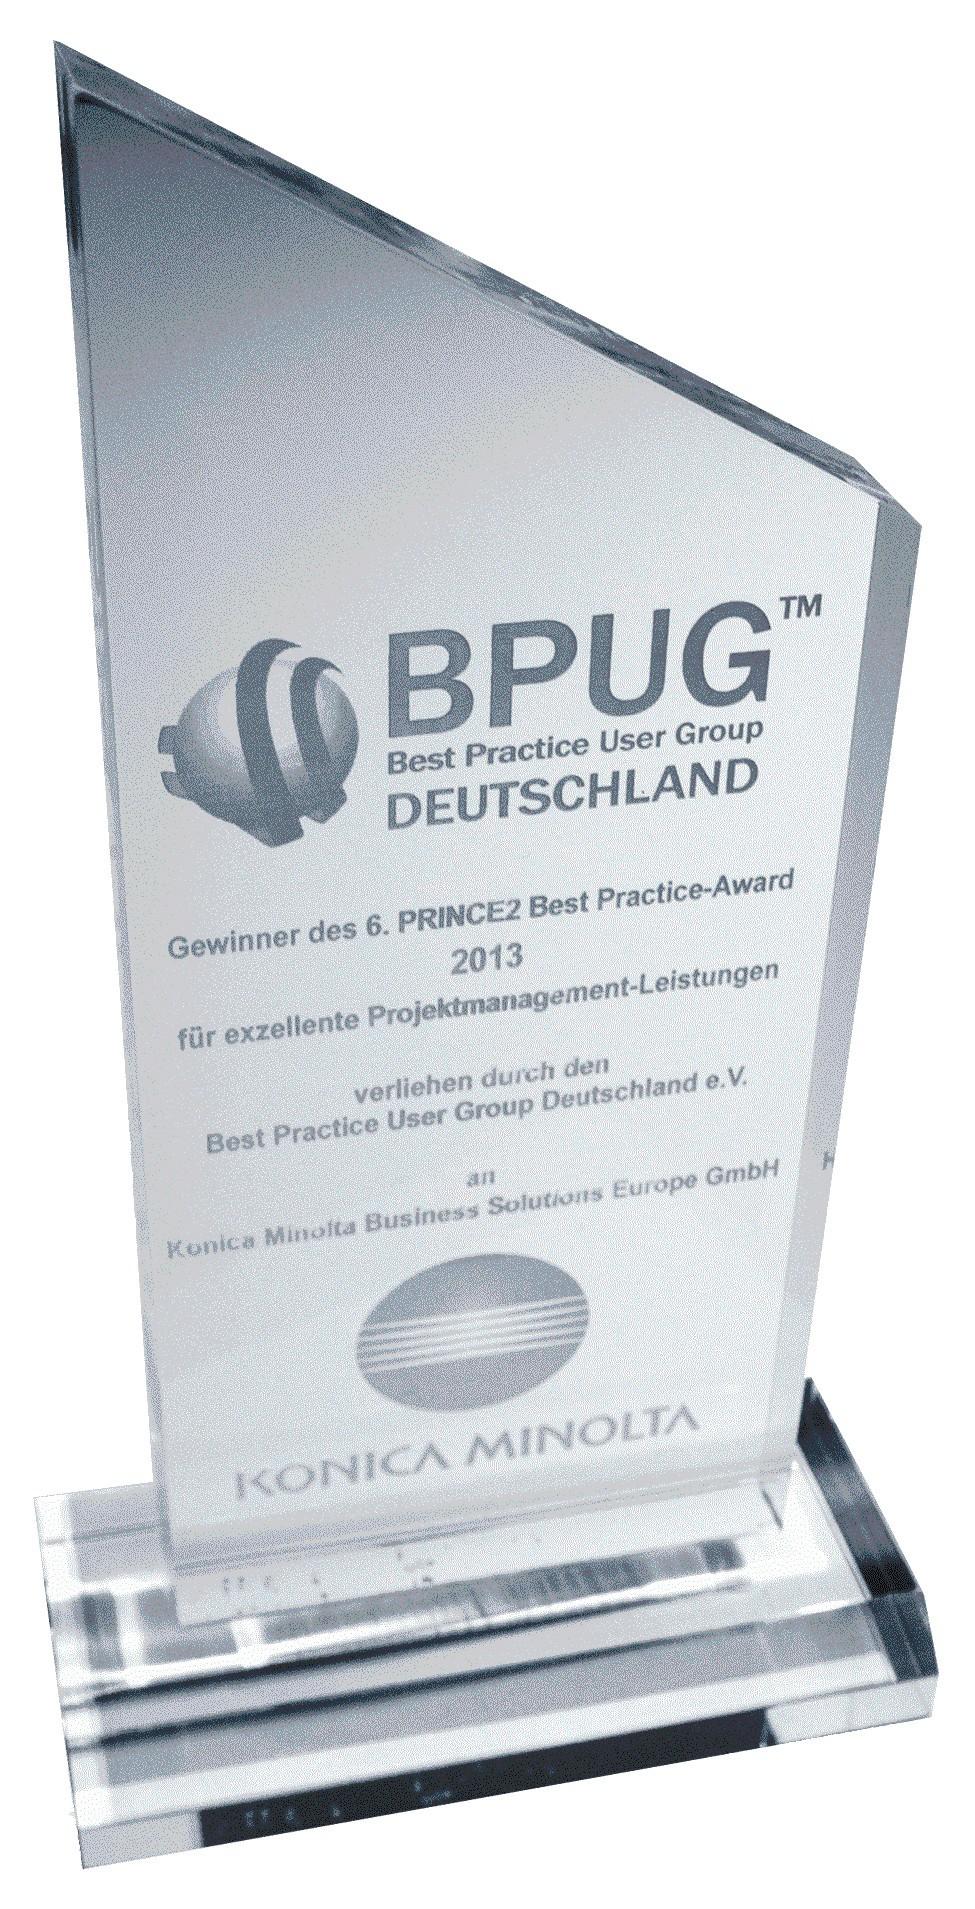 Konica Minolta je osvojila nagrado PRINCE2 Best Practice Award 2013